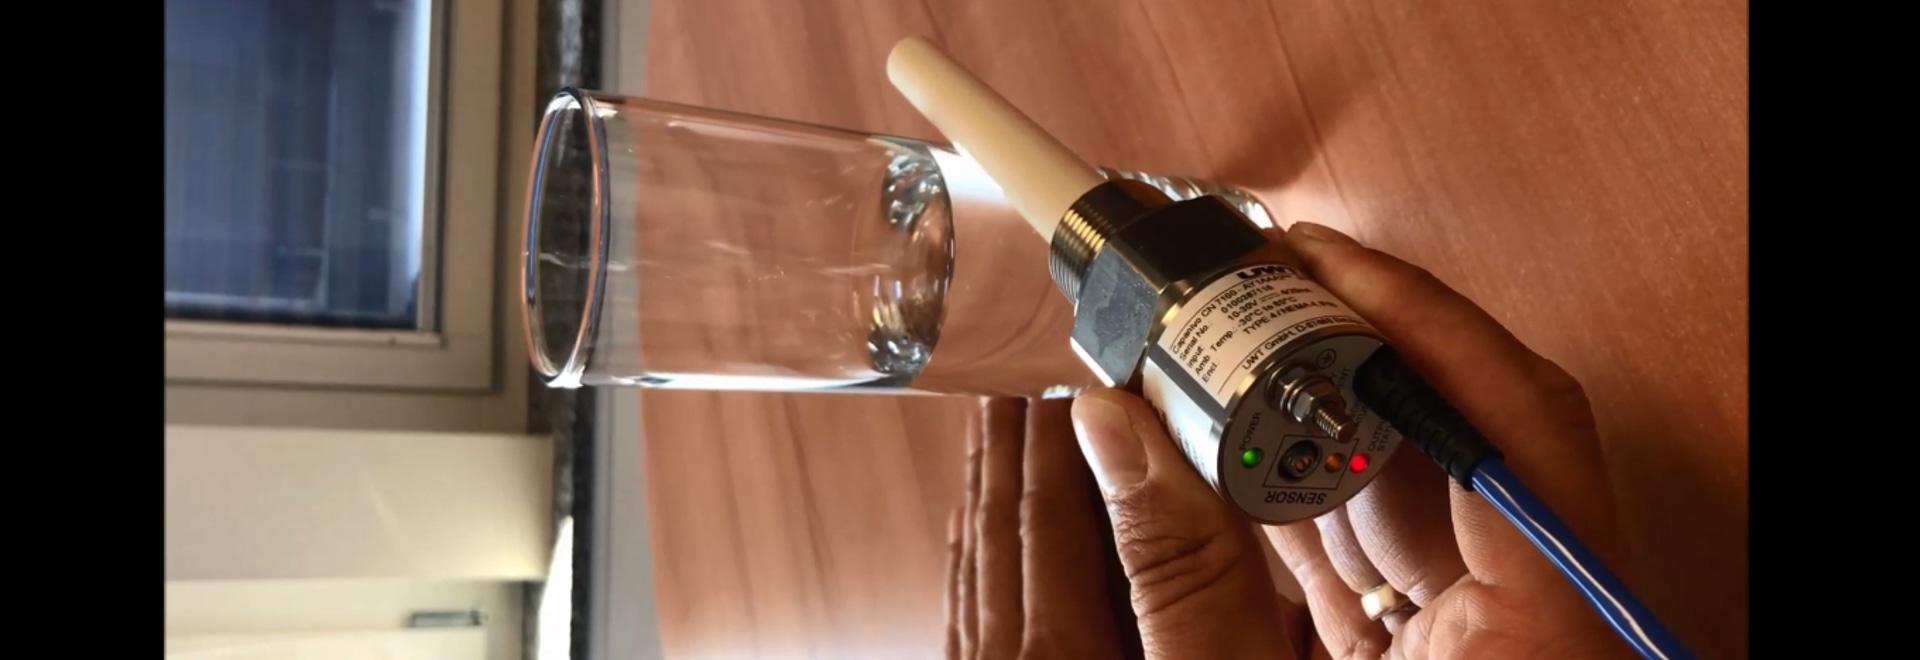 Nouveaux produits pour les liquides